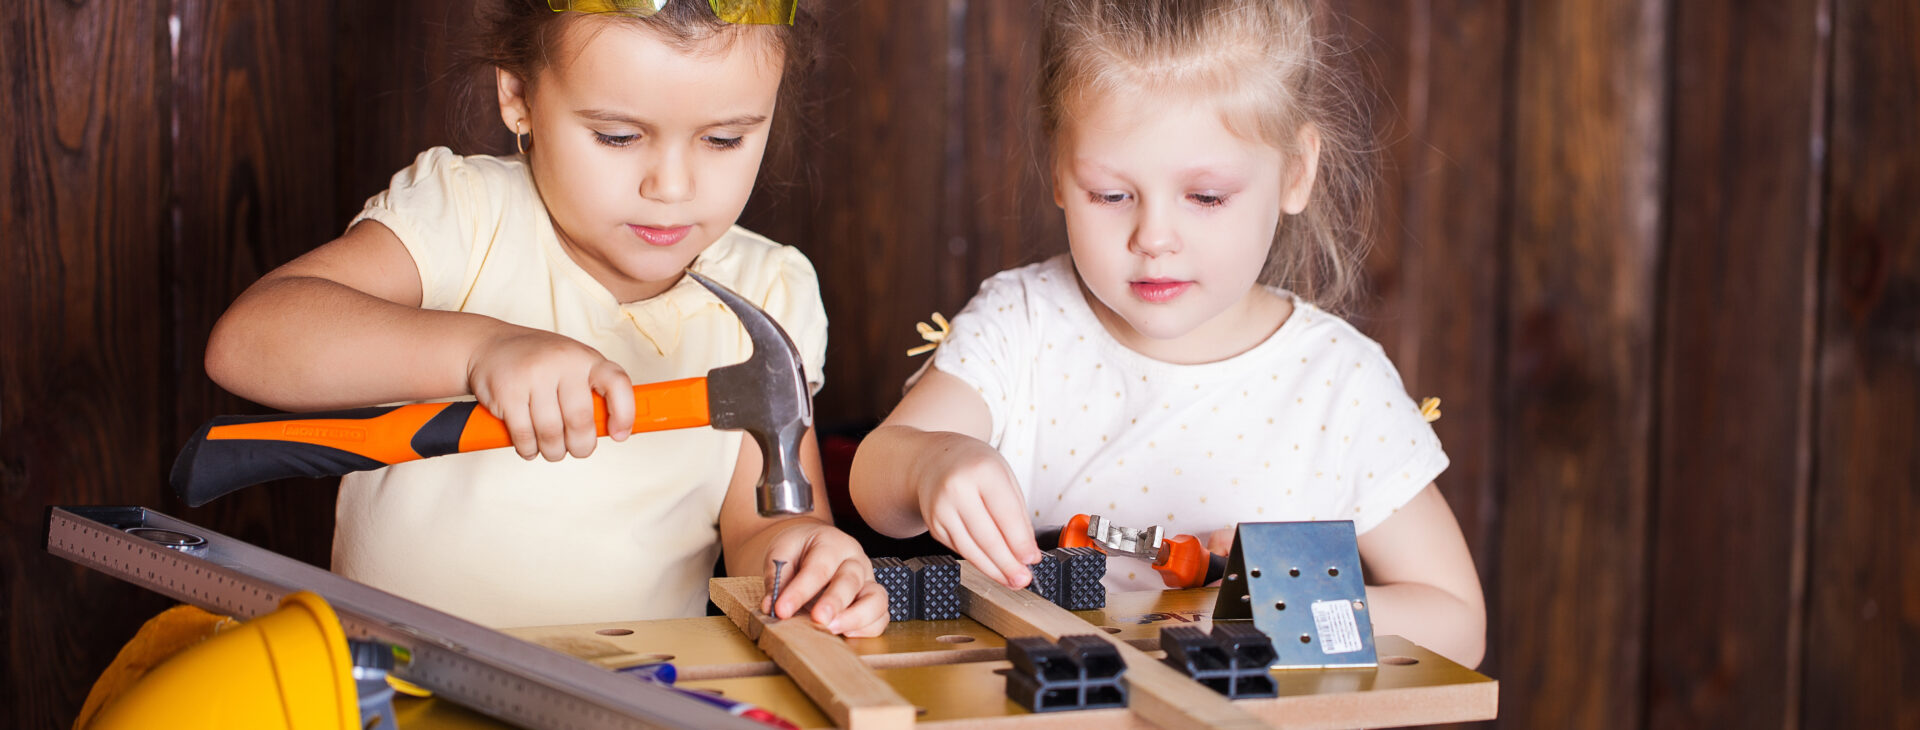 Dwie dziewczynki z młotkami w dłoniach stoją przy stole i tworzą konstrukcje w drewnie.